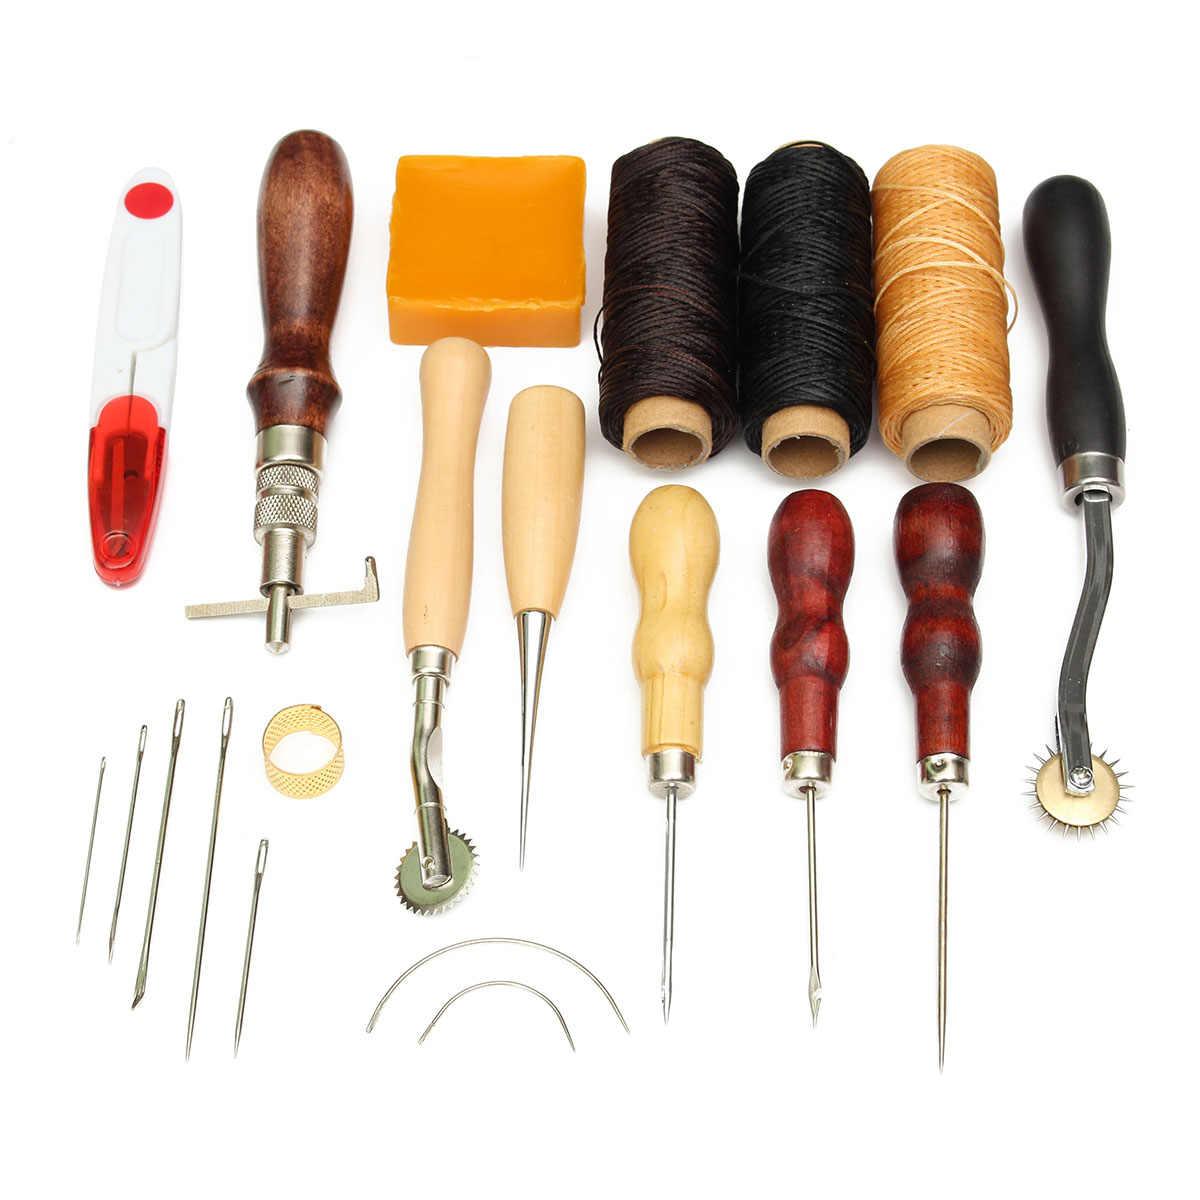 14 шт. кожаные инструменты для рукоделия комплект деревянной ручкой кожаный декоративный набор инструментов Перфоратор DIY Набор